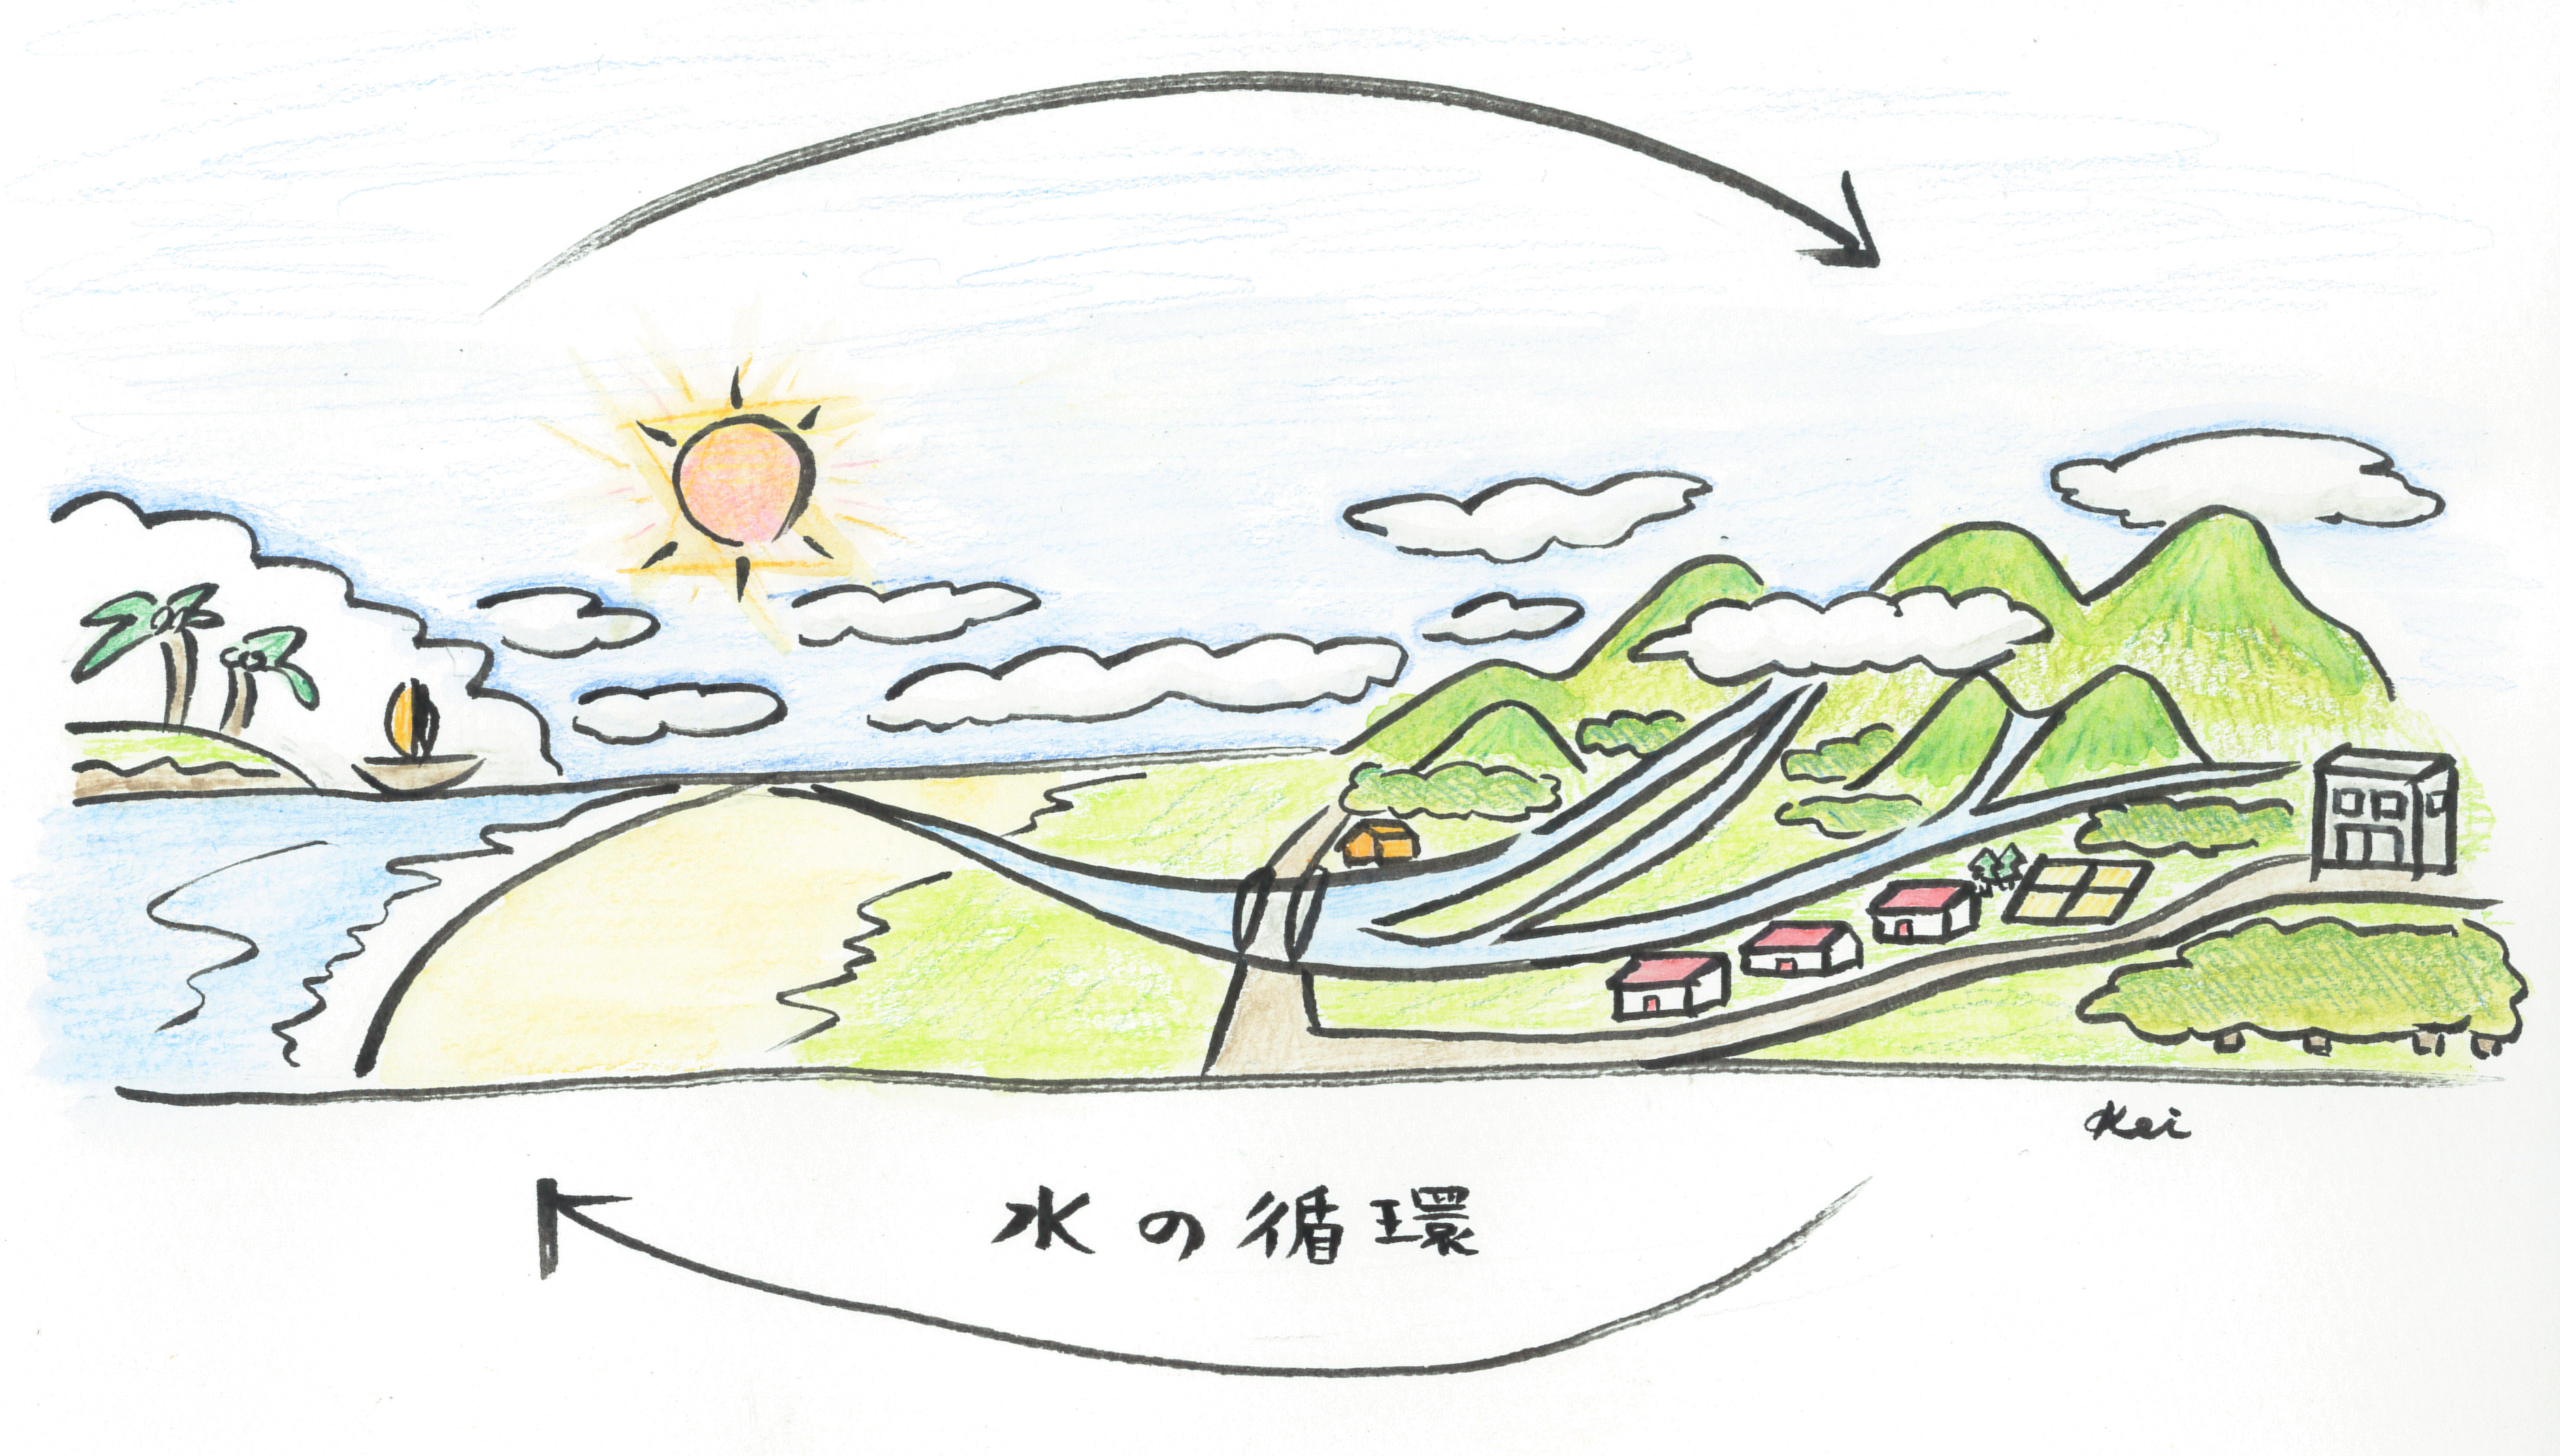 水の循環の仕組み